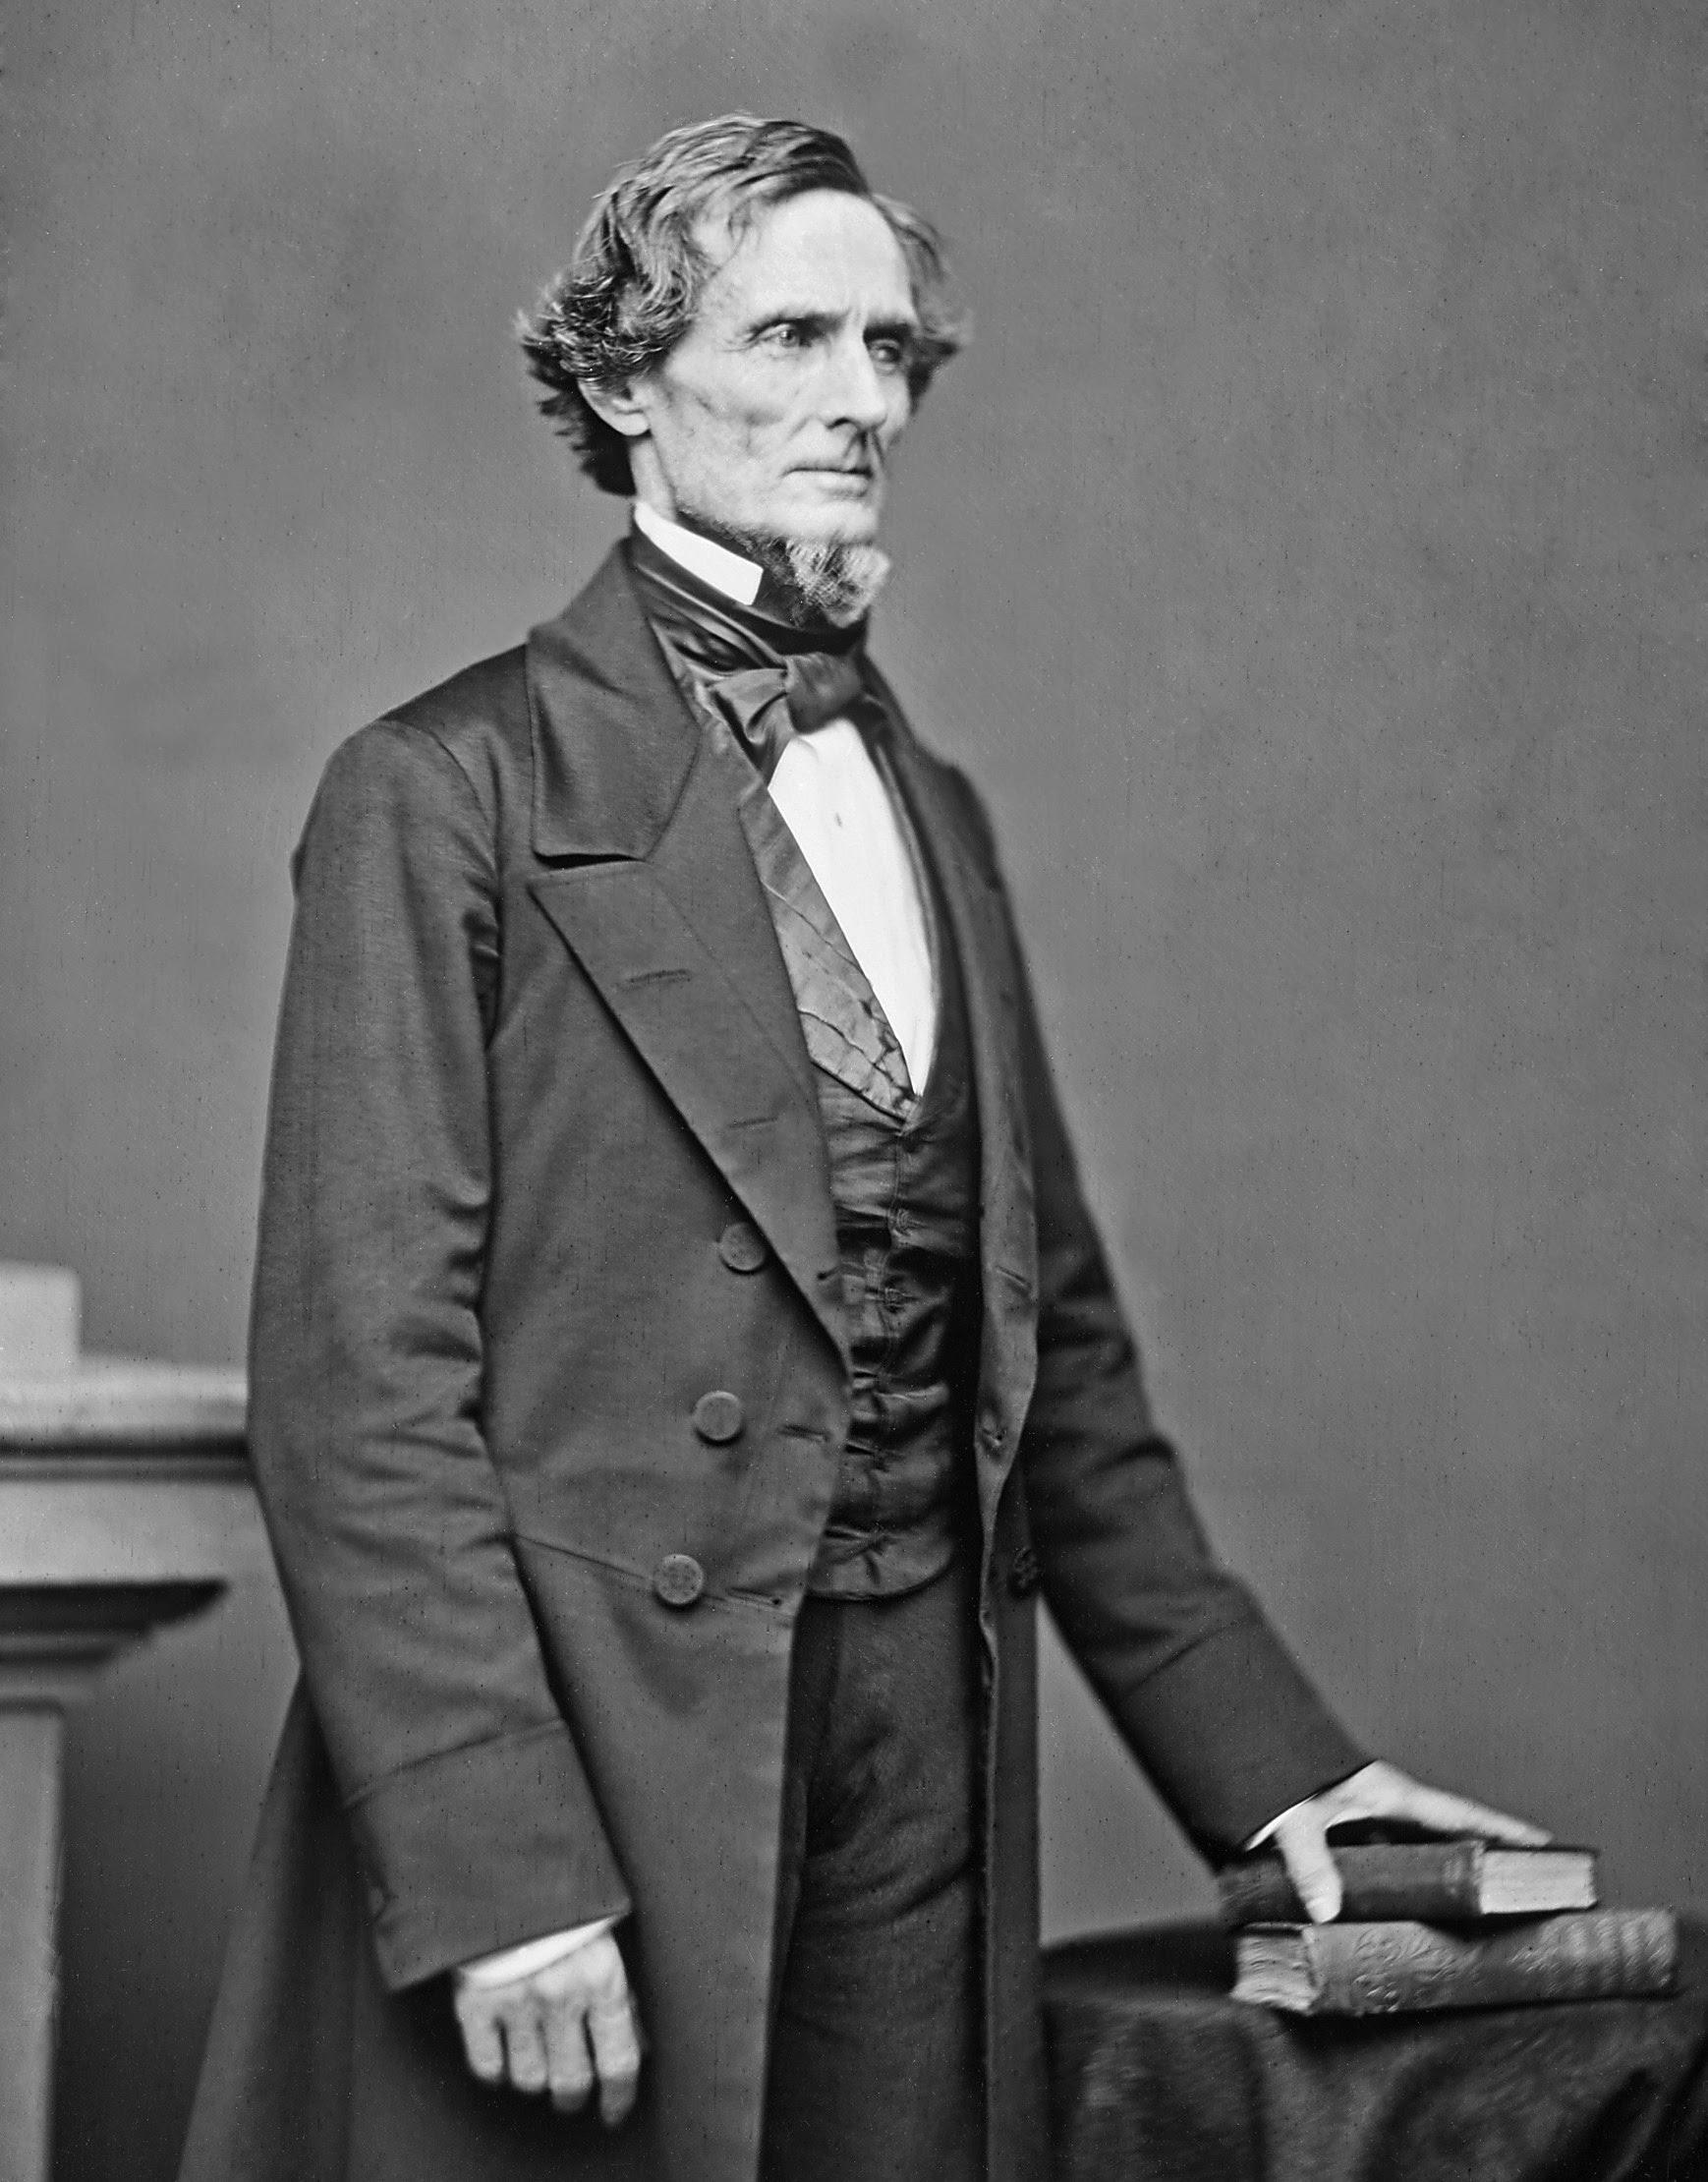 Jefferson Davis portrait by Mathew B. Brady